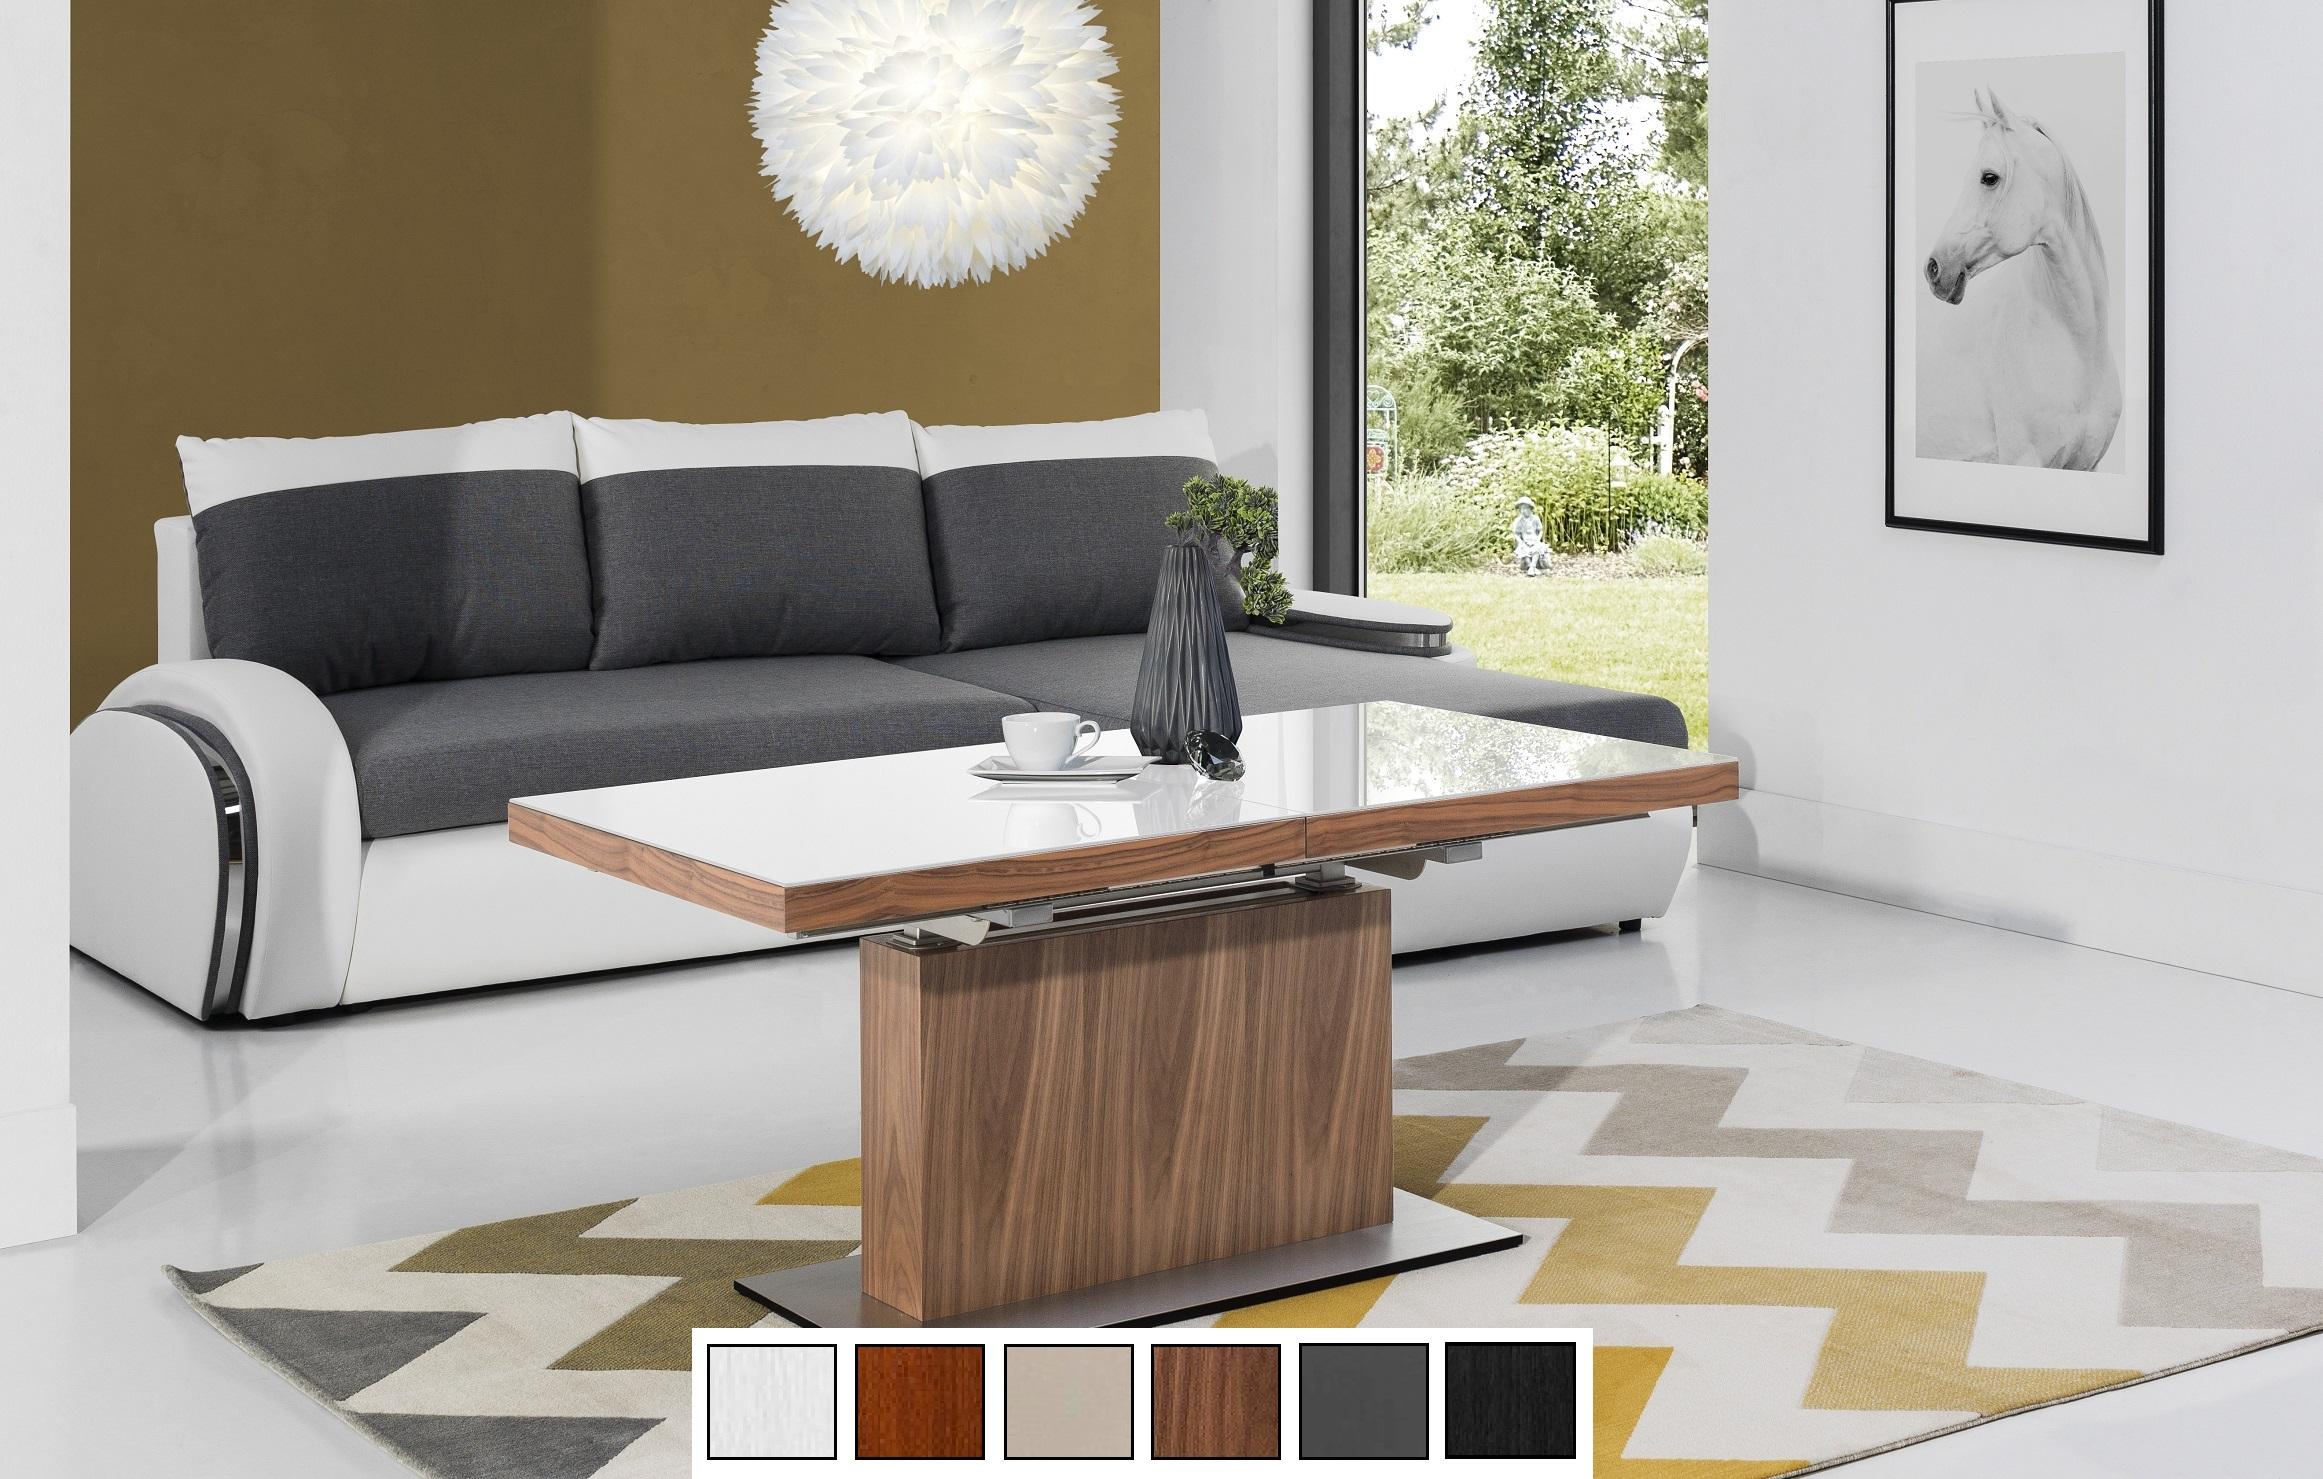 Full Size of Esstisch Nussbaum Design Couchtisch Tisch Mn 3 Walnuss Weiglas Runder Ausziehbar Grau Esstische Akazie Rustikal Weiß Oval Altholz Quadratisch Runde Esstische Esstisch Nussbaum